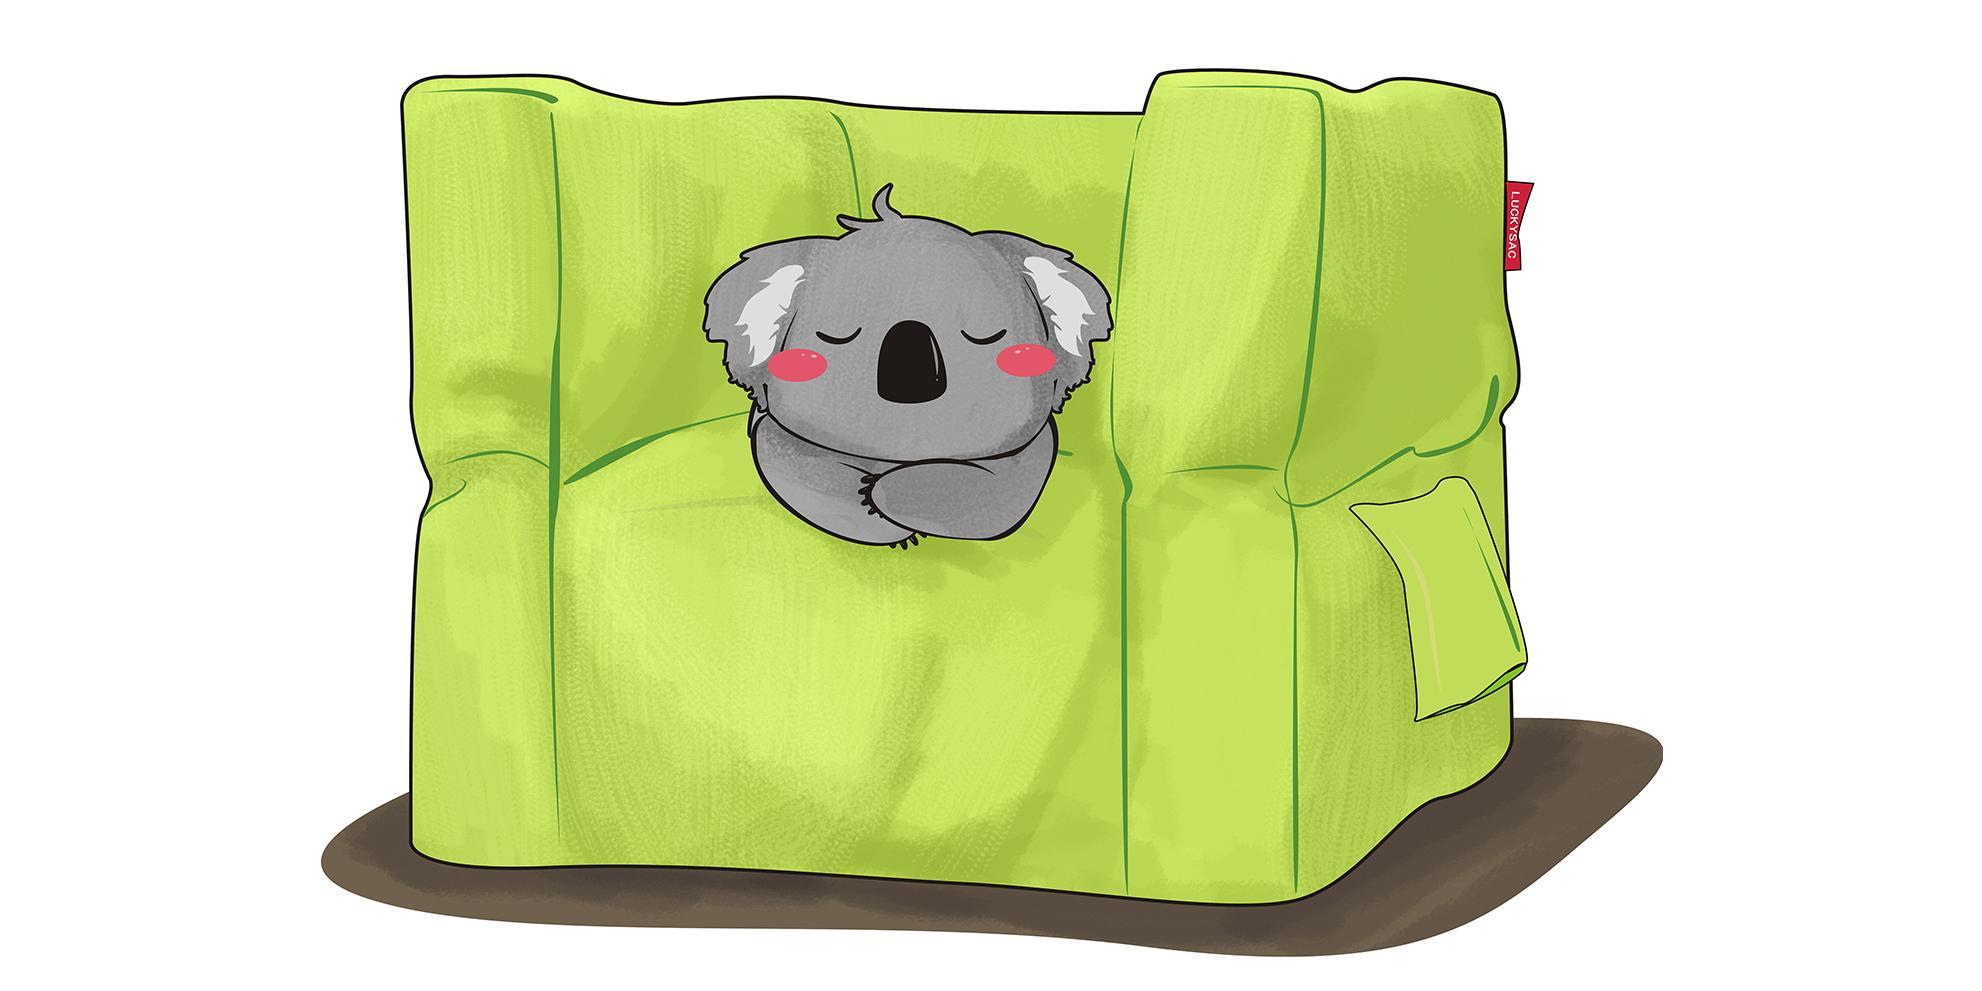 懒人沙发的起源